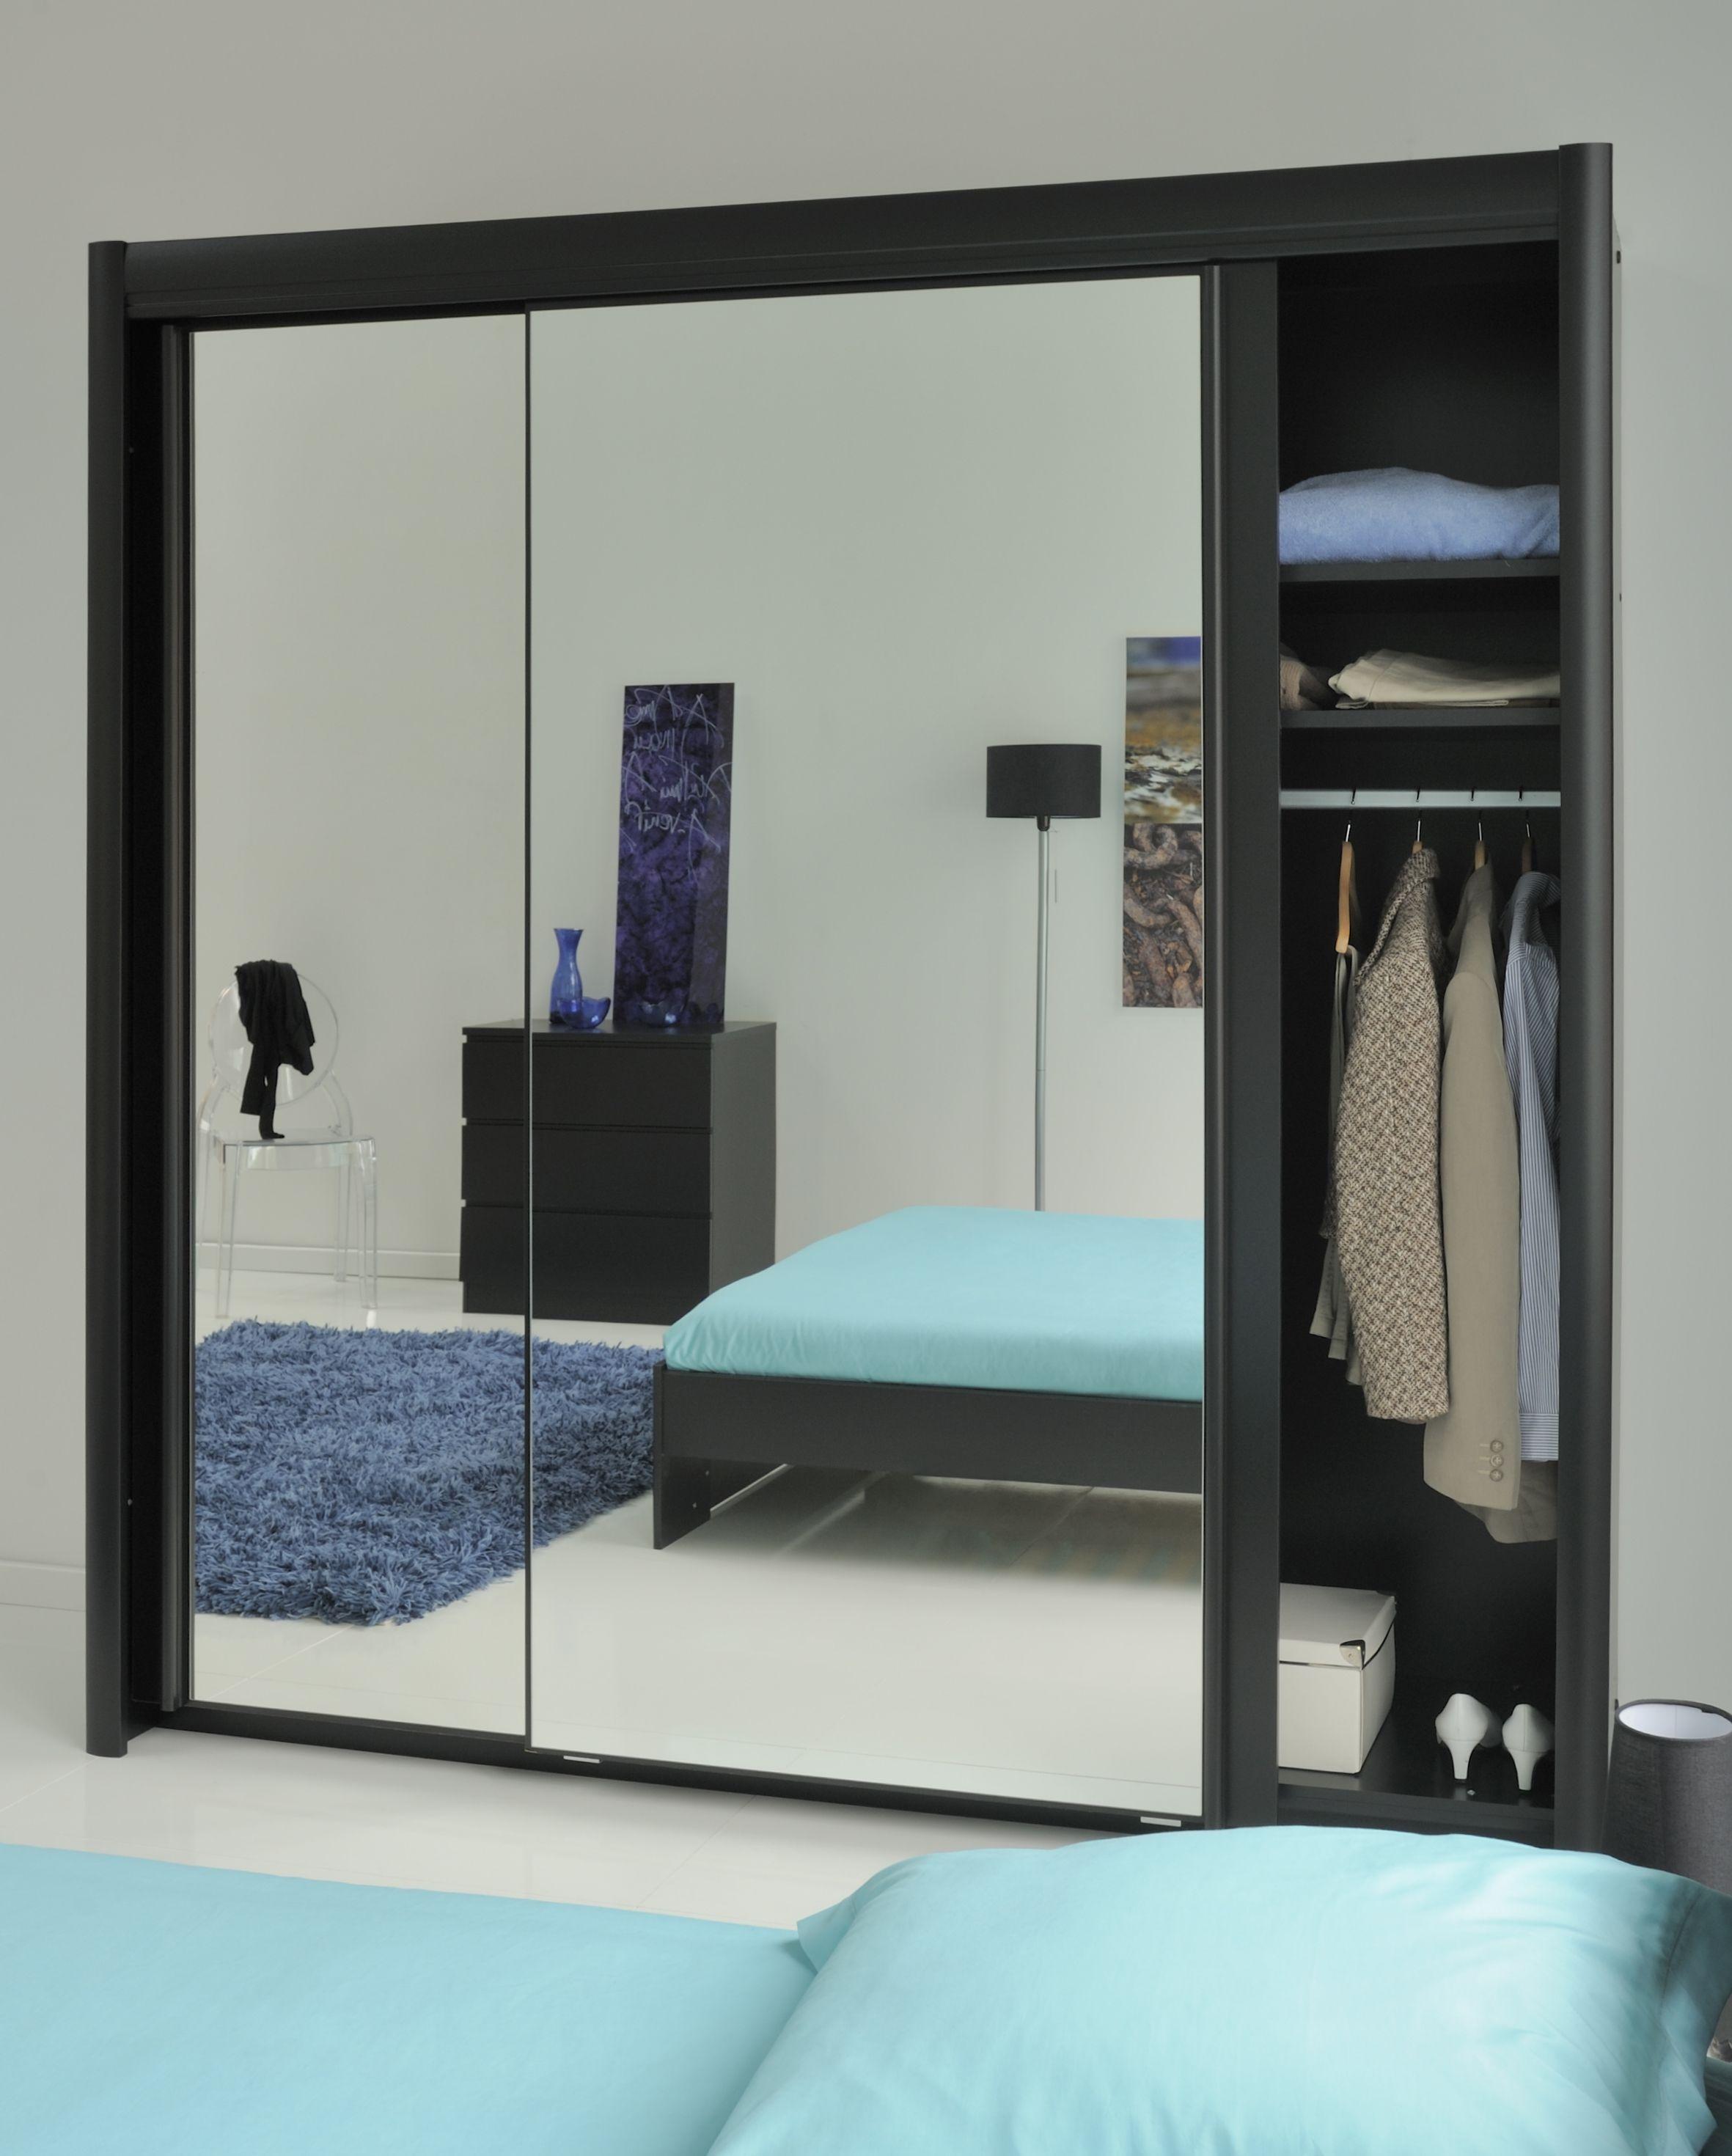 Armoire Moderne Pour Accessoiriser Une Chambre Design Armoire